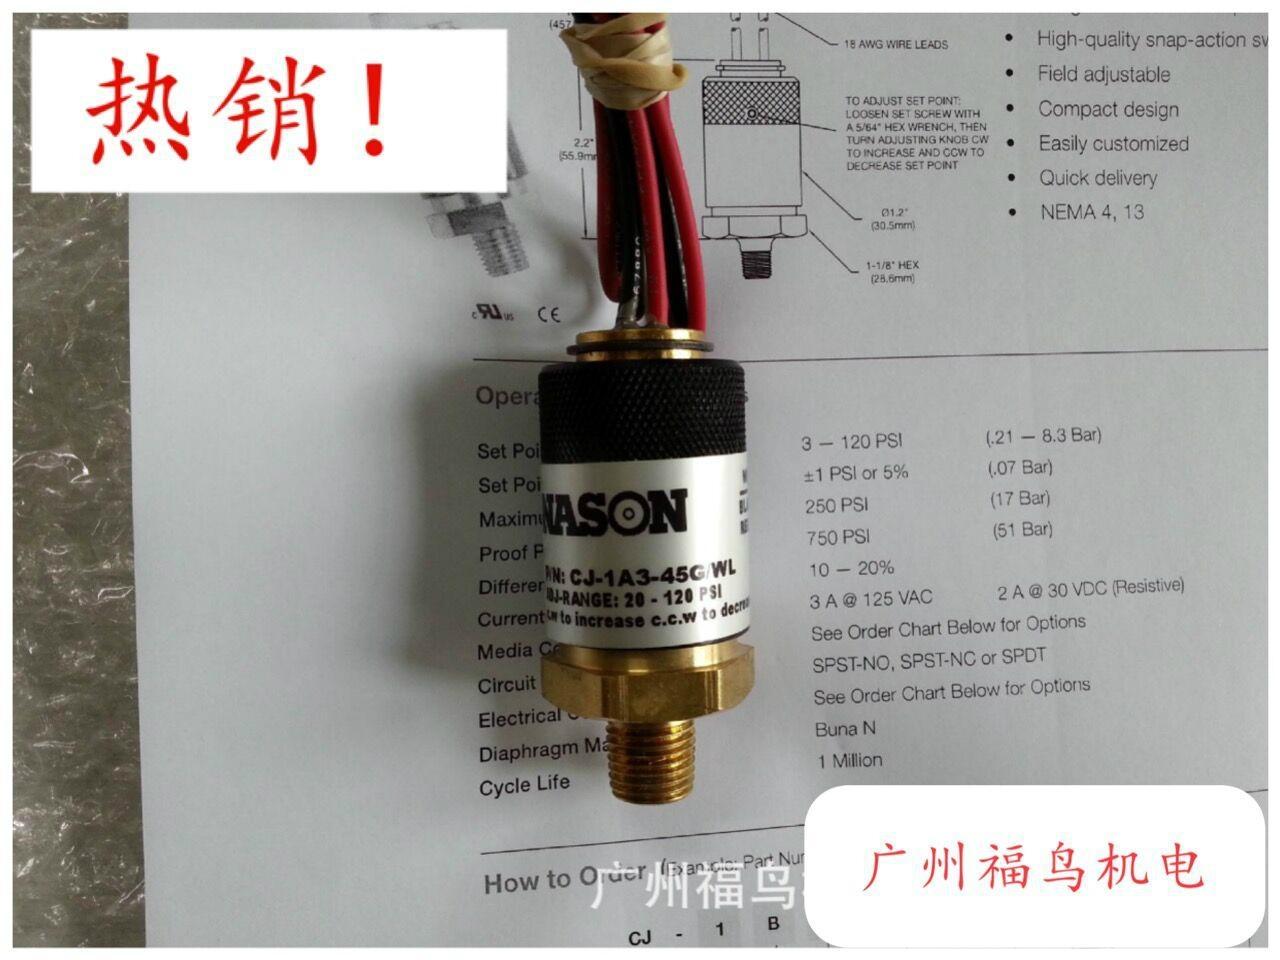 NASON压力开关, 型号: CJ-1A3-45G/WL